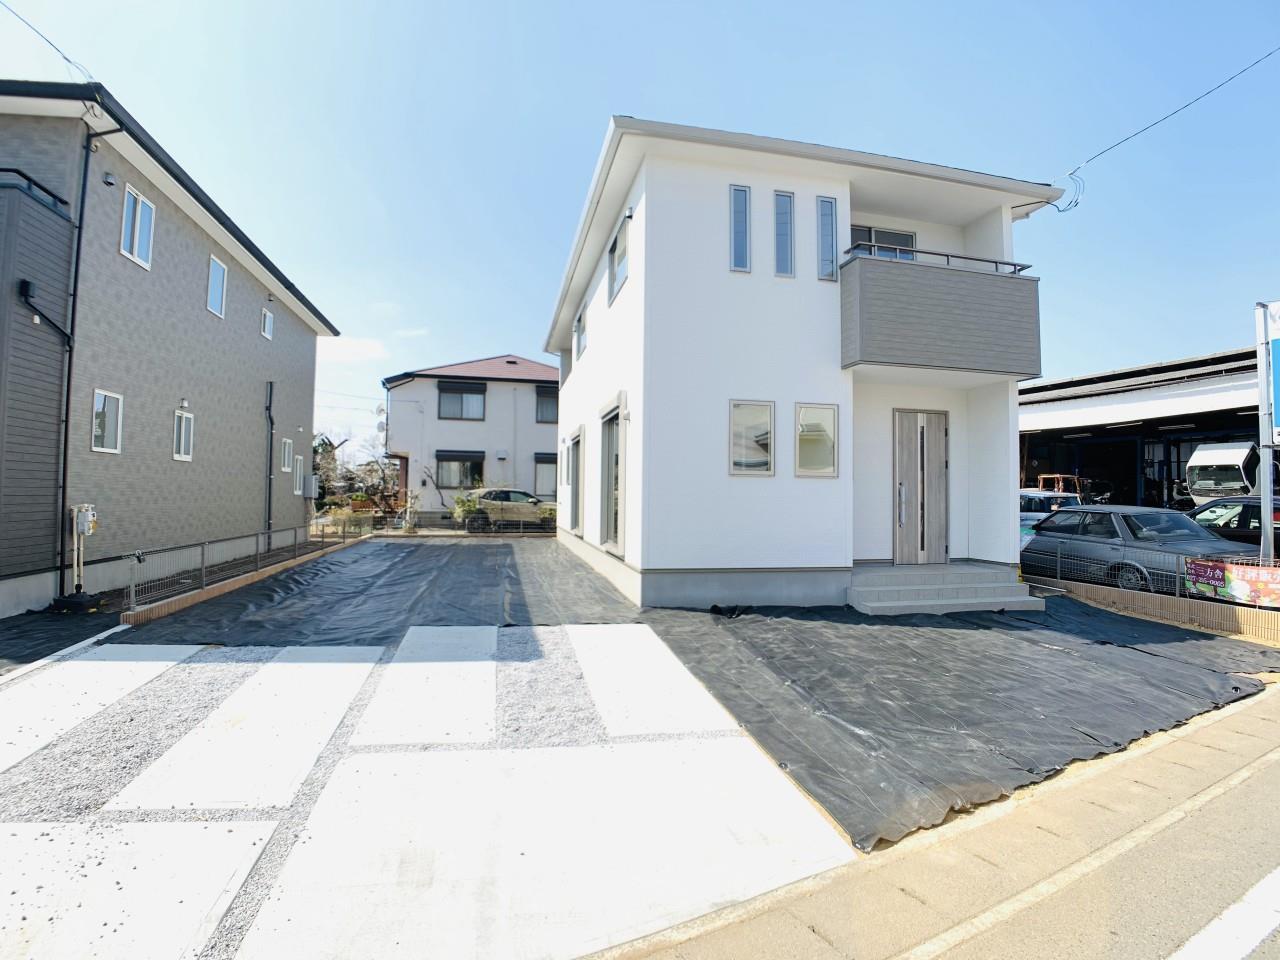 【KEIAI】 BIG HOUSE 高崎市貝沢町1期|全2棟